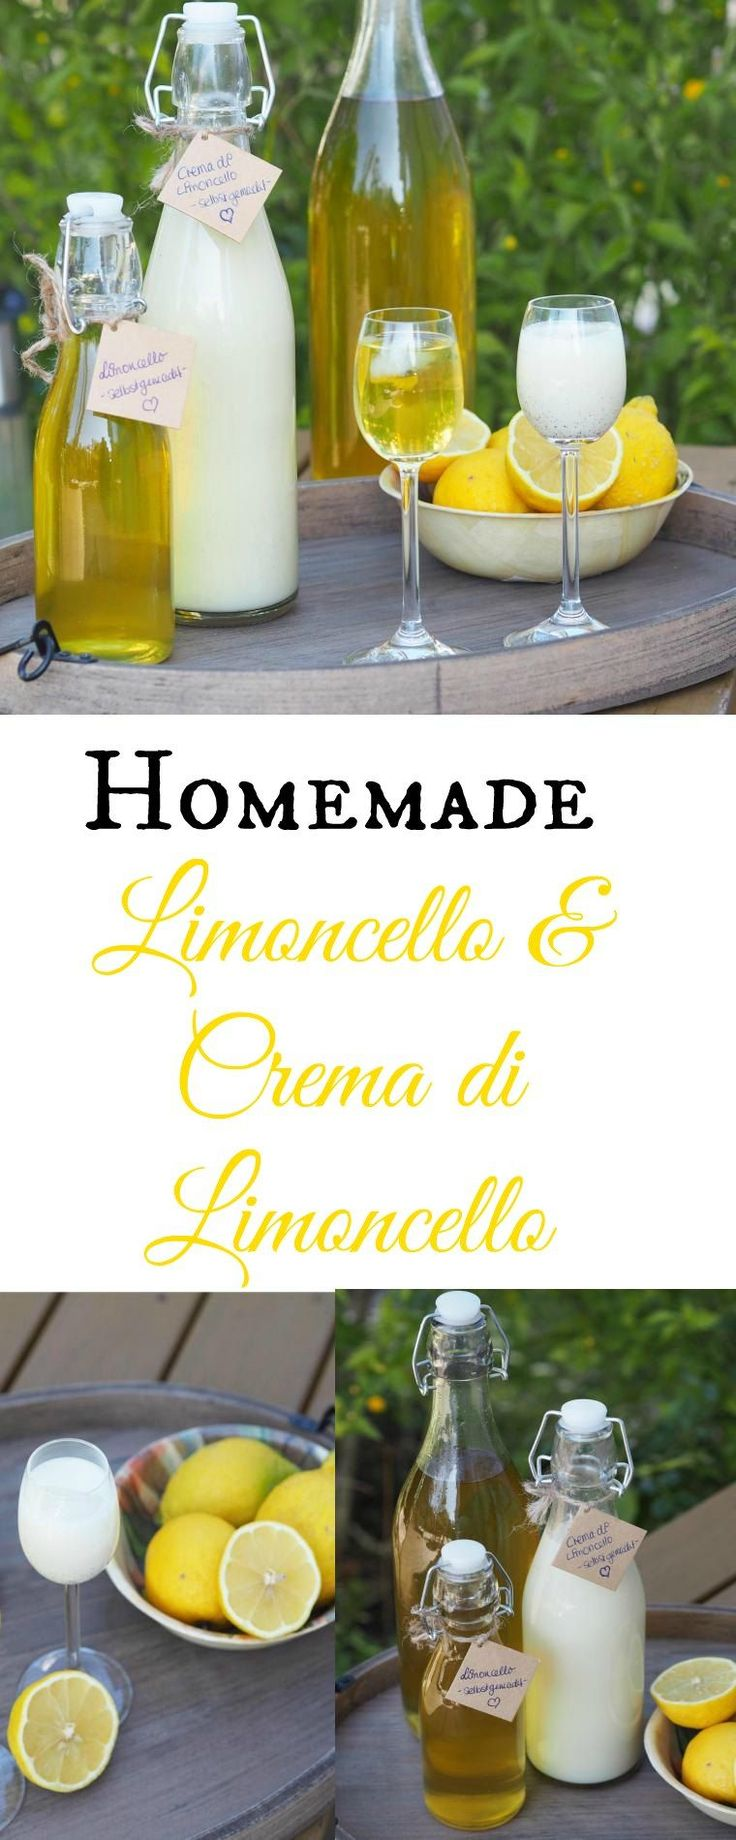 Wenn das Leben dir Zitronen schenkt mach Limonade draus…oder Limoncello & Crema di Limoncello! Habt Ihr schon mal selbstgemachten Limoncello getrunken? Uiii, Limoncello aus leckeren Zitronen schmeckt einfach traumhaft. Oder fast noch leckerer finde ich ja den Crema di Limoncello. Im Thermomix oder im Topf wirklich sehr schnell hergestellt – nur der Ansatz in welchem die Zitronenschalen schlummer, dauert etwas länger. #limoncello #zitronen #cremadilimoncello